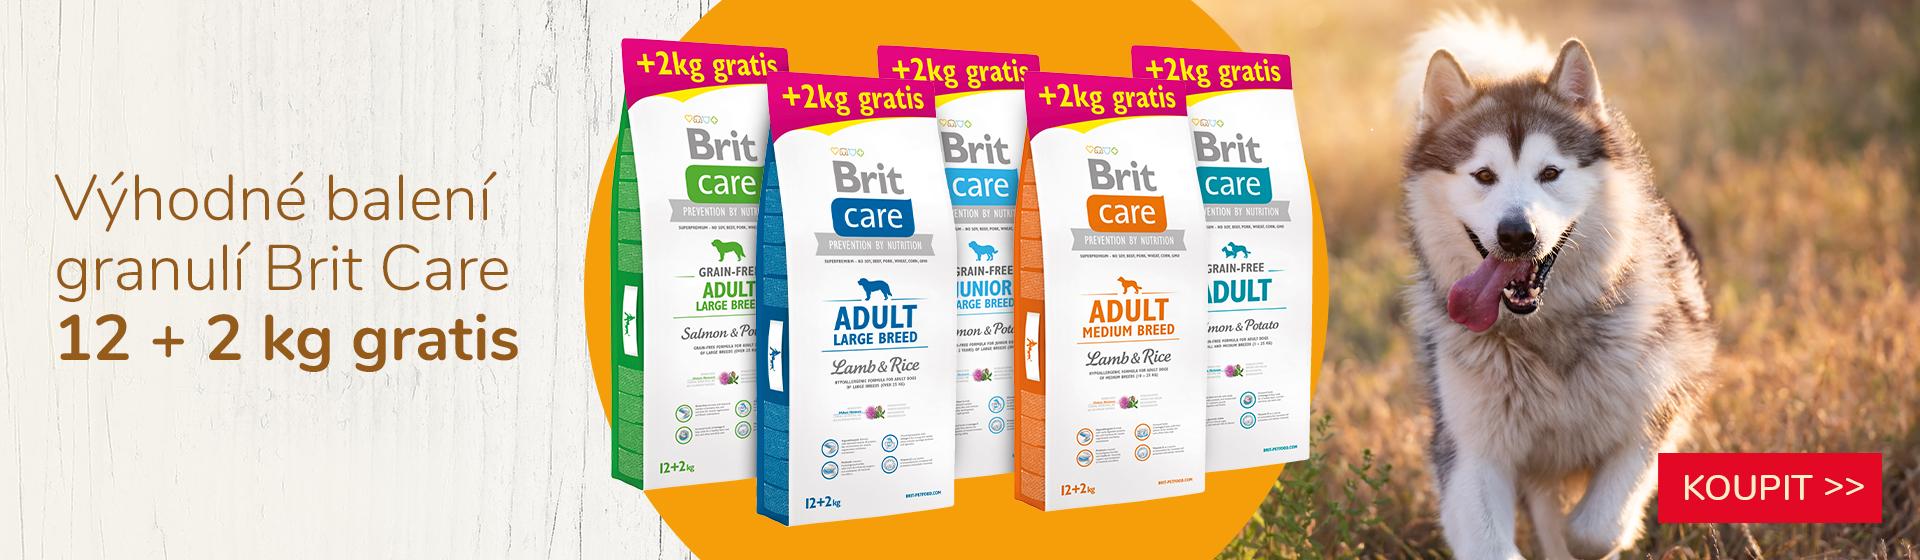 Akce Brit Care